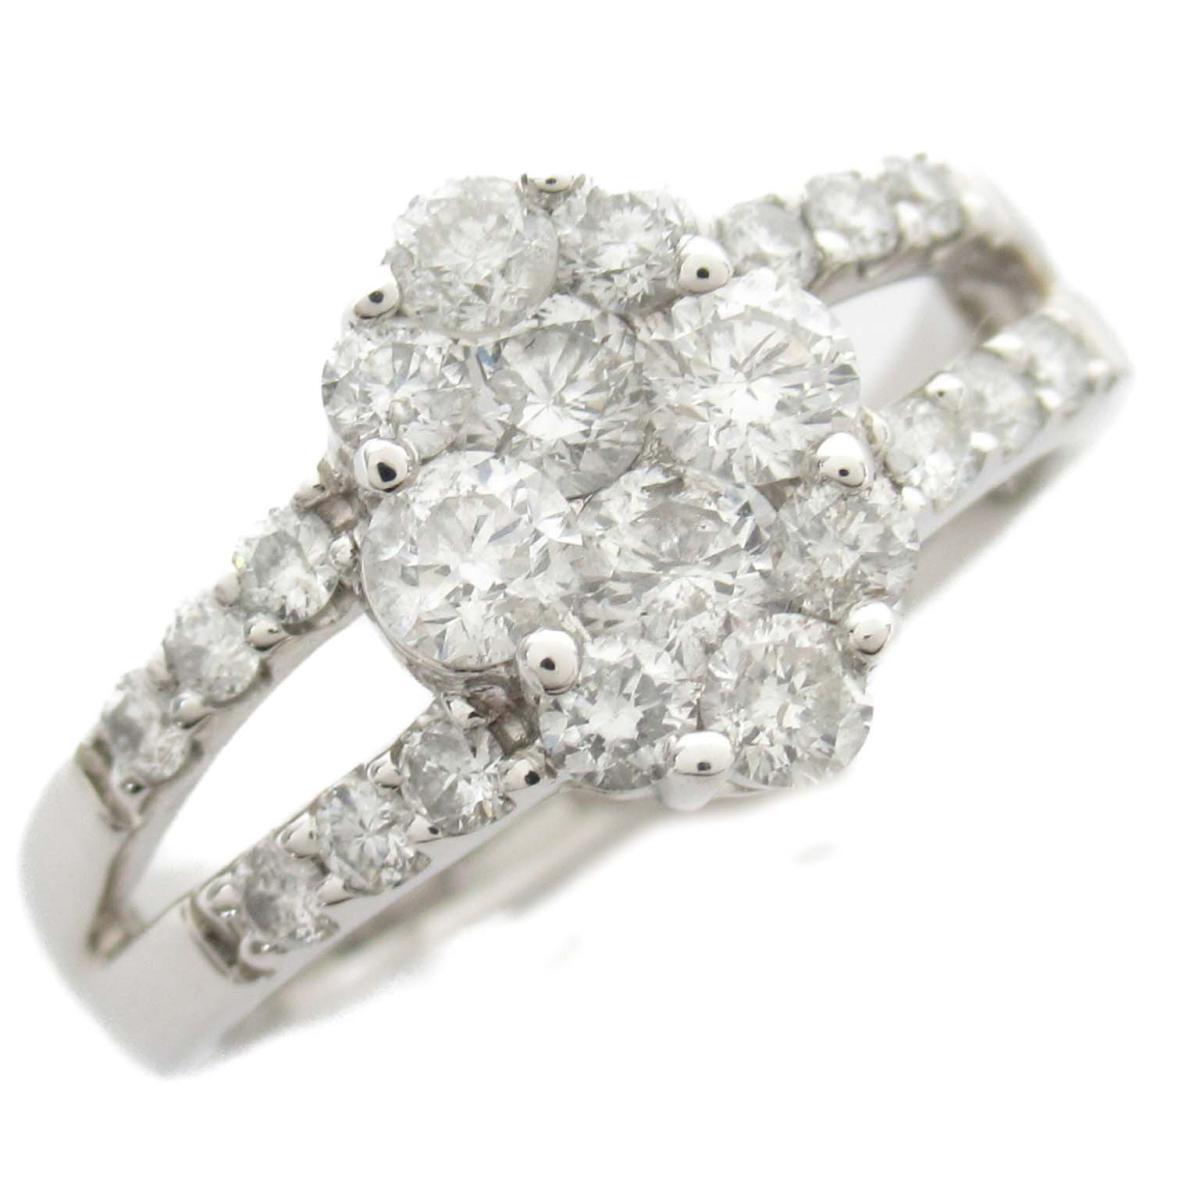 ジュエリー ダイヤモンド リング 指輪 ノーブランドジュエリー レディース 18Kホワイトゴールド x ダイヤモンド1.00ct 【中古】   JEWELRY BRANDOFF ブランドオフ アクセサリー